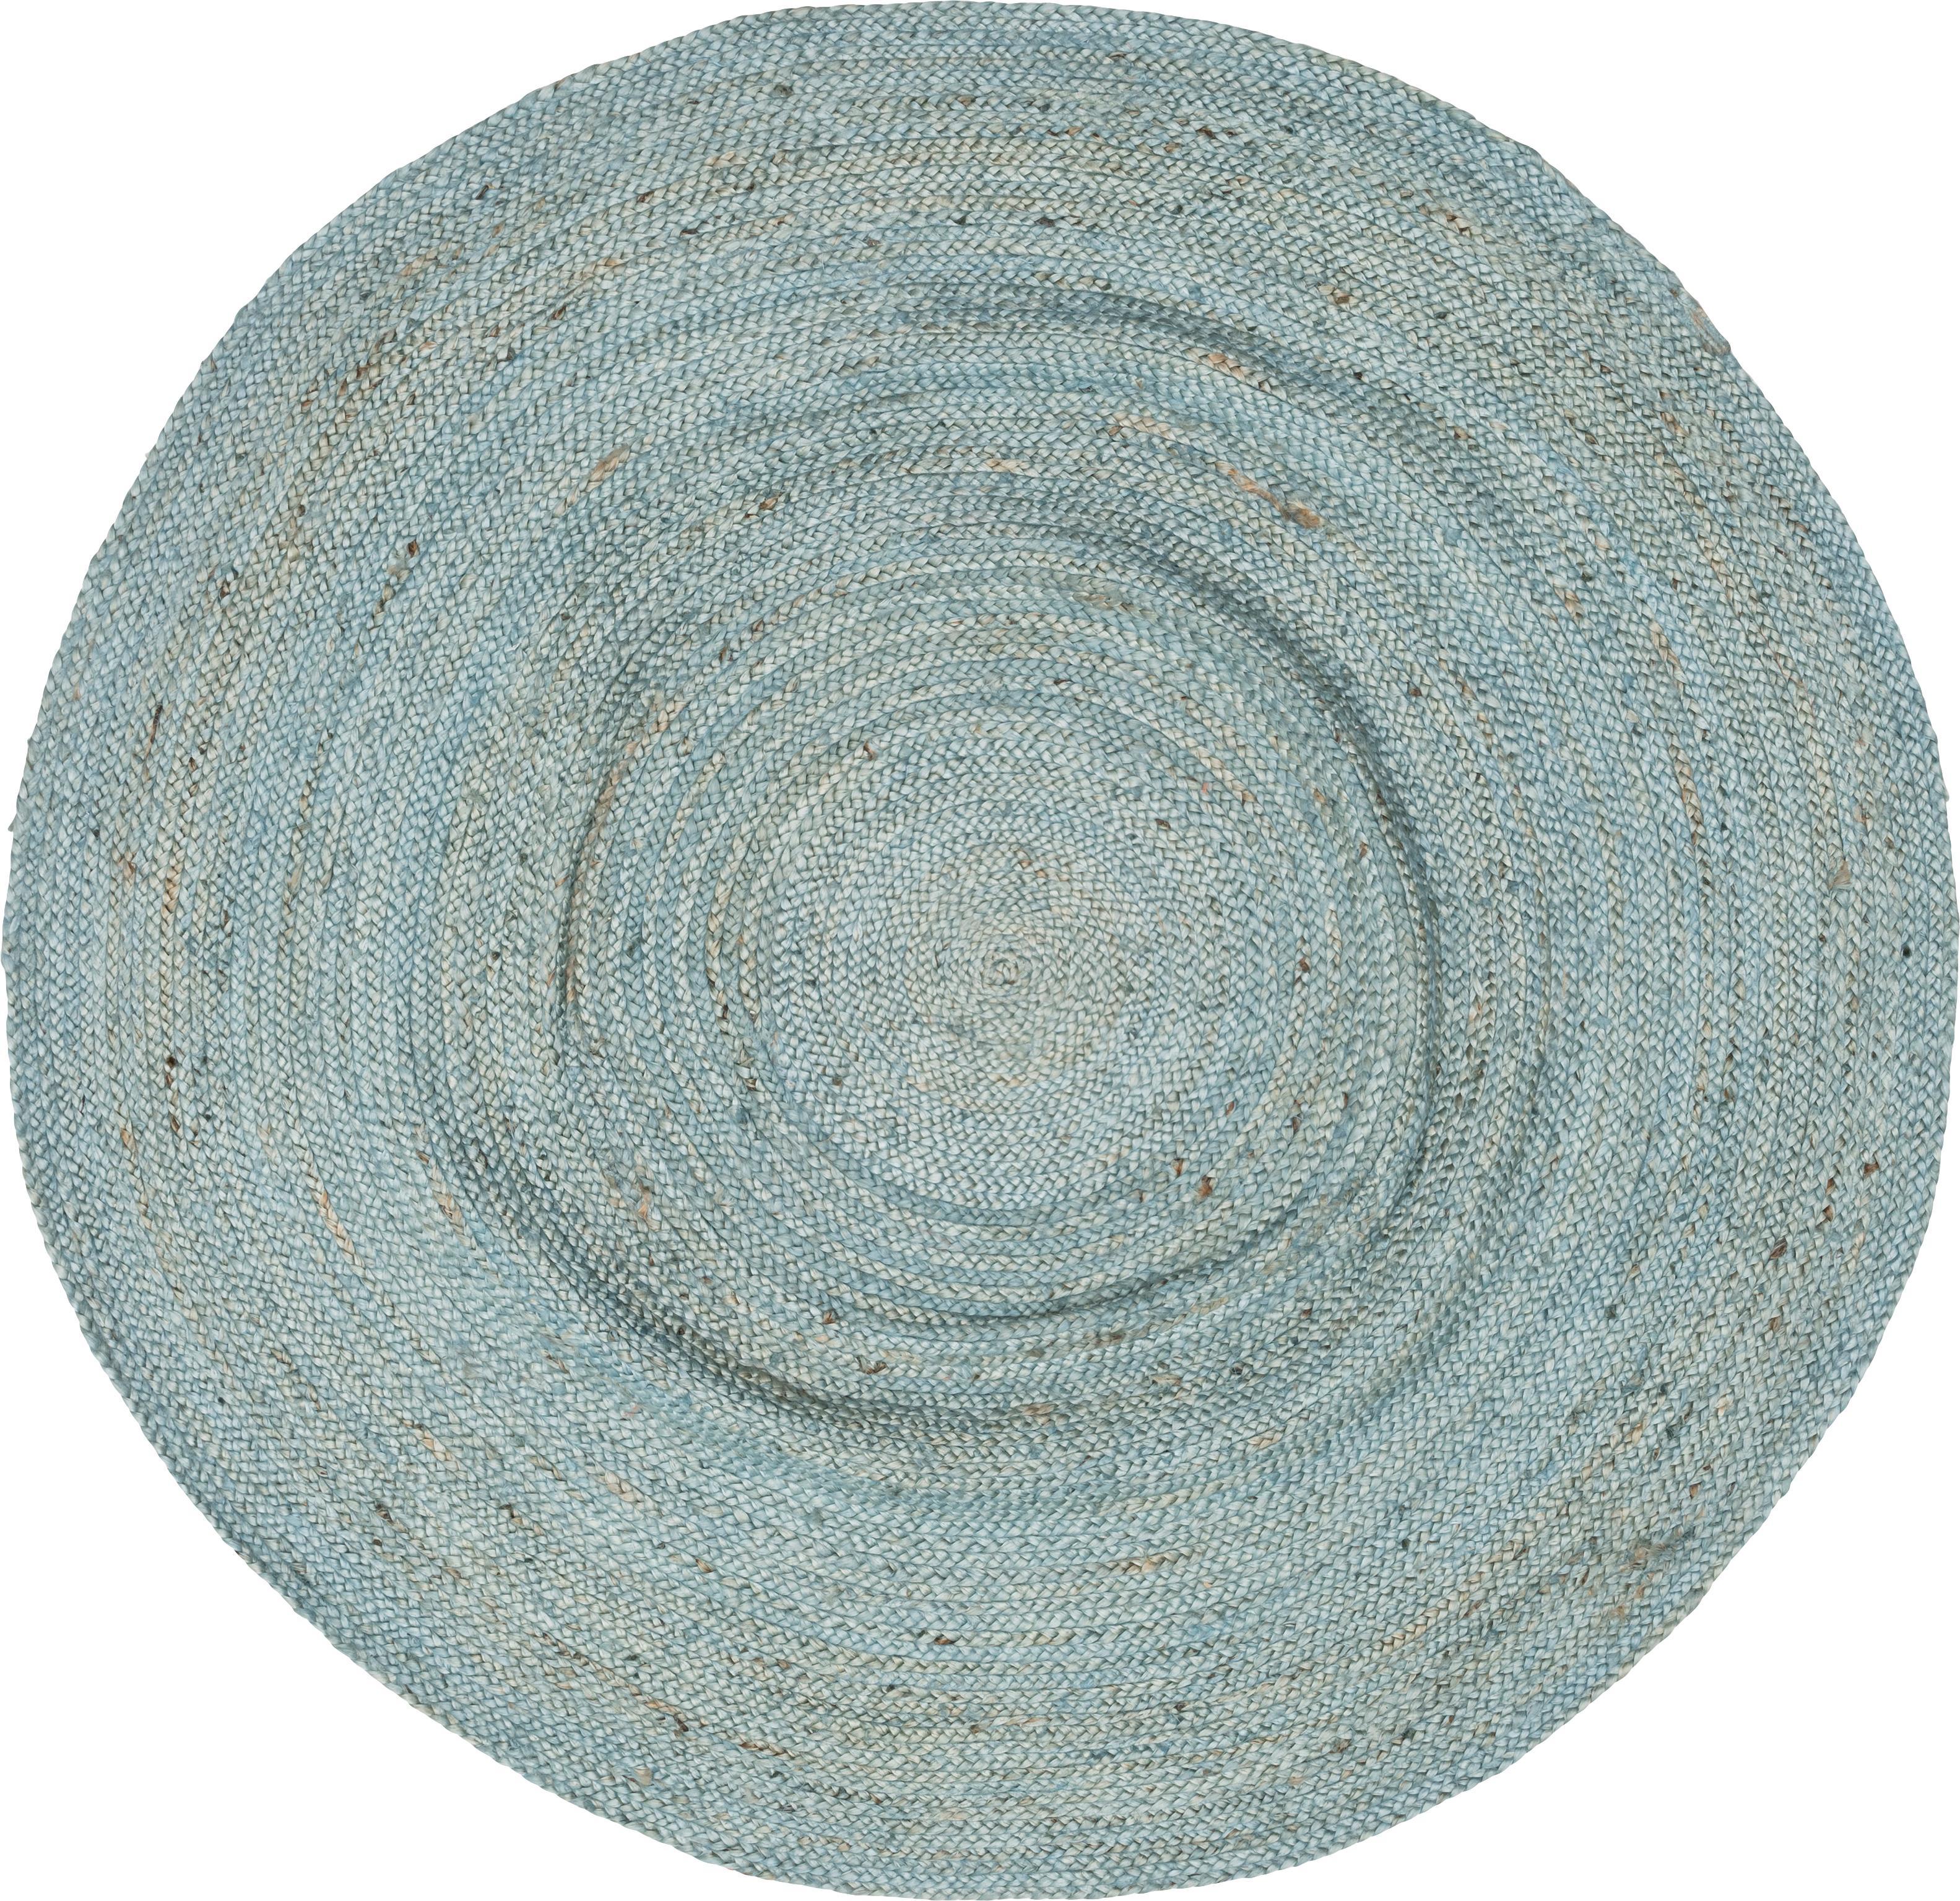 Rond juten vloerkleed Pampas in lichtblauw, Jute, Lichtblauw, Ø 150 cm